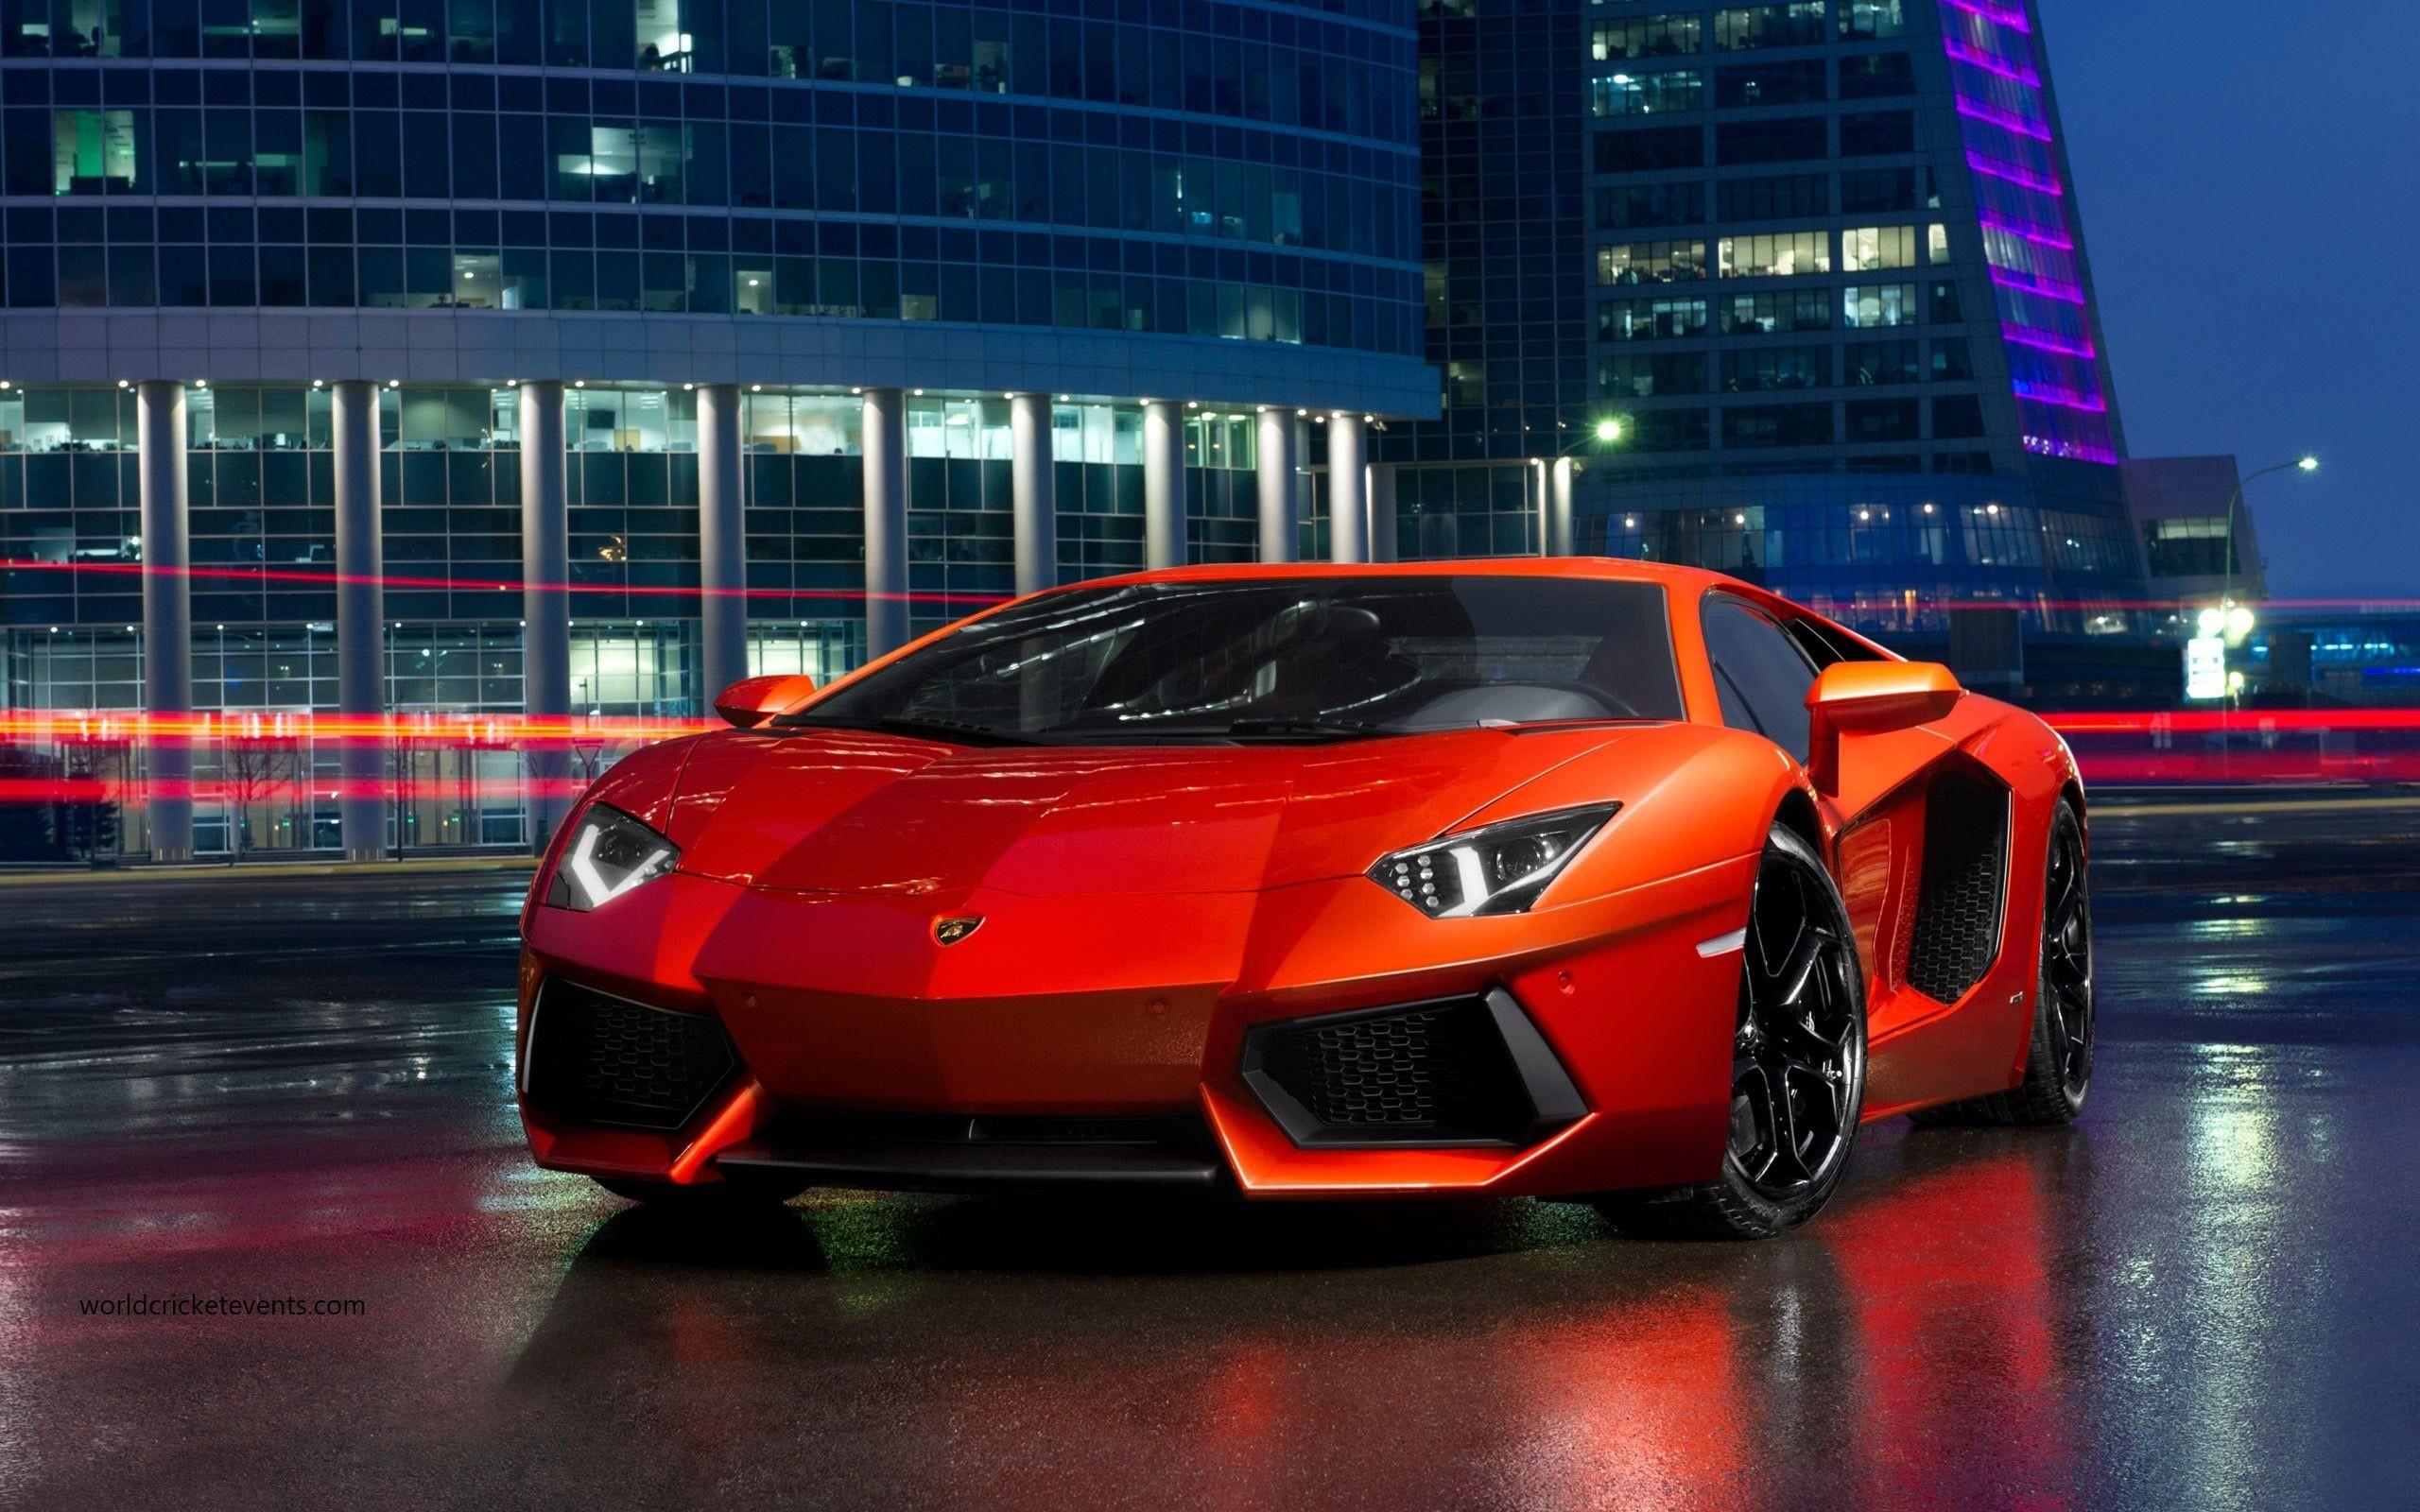 Lamborghini Hd Wallpapers 86 Images